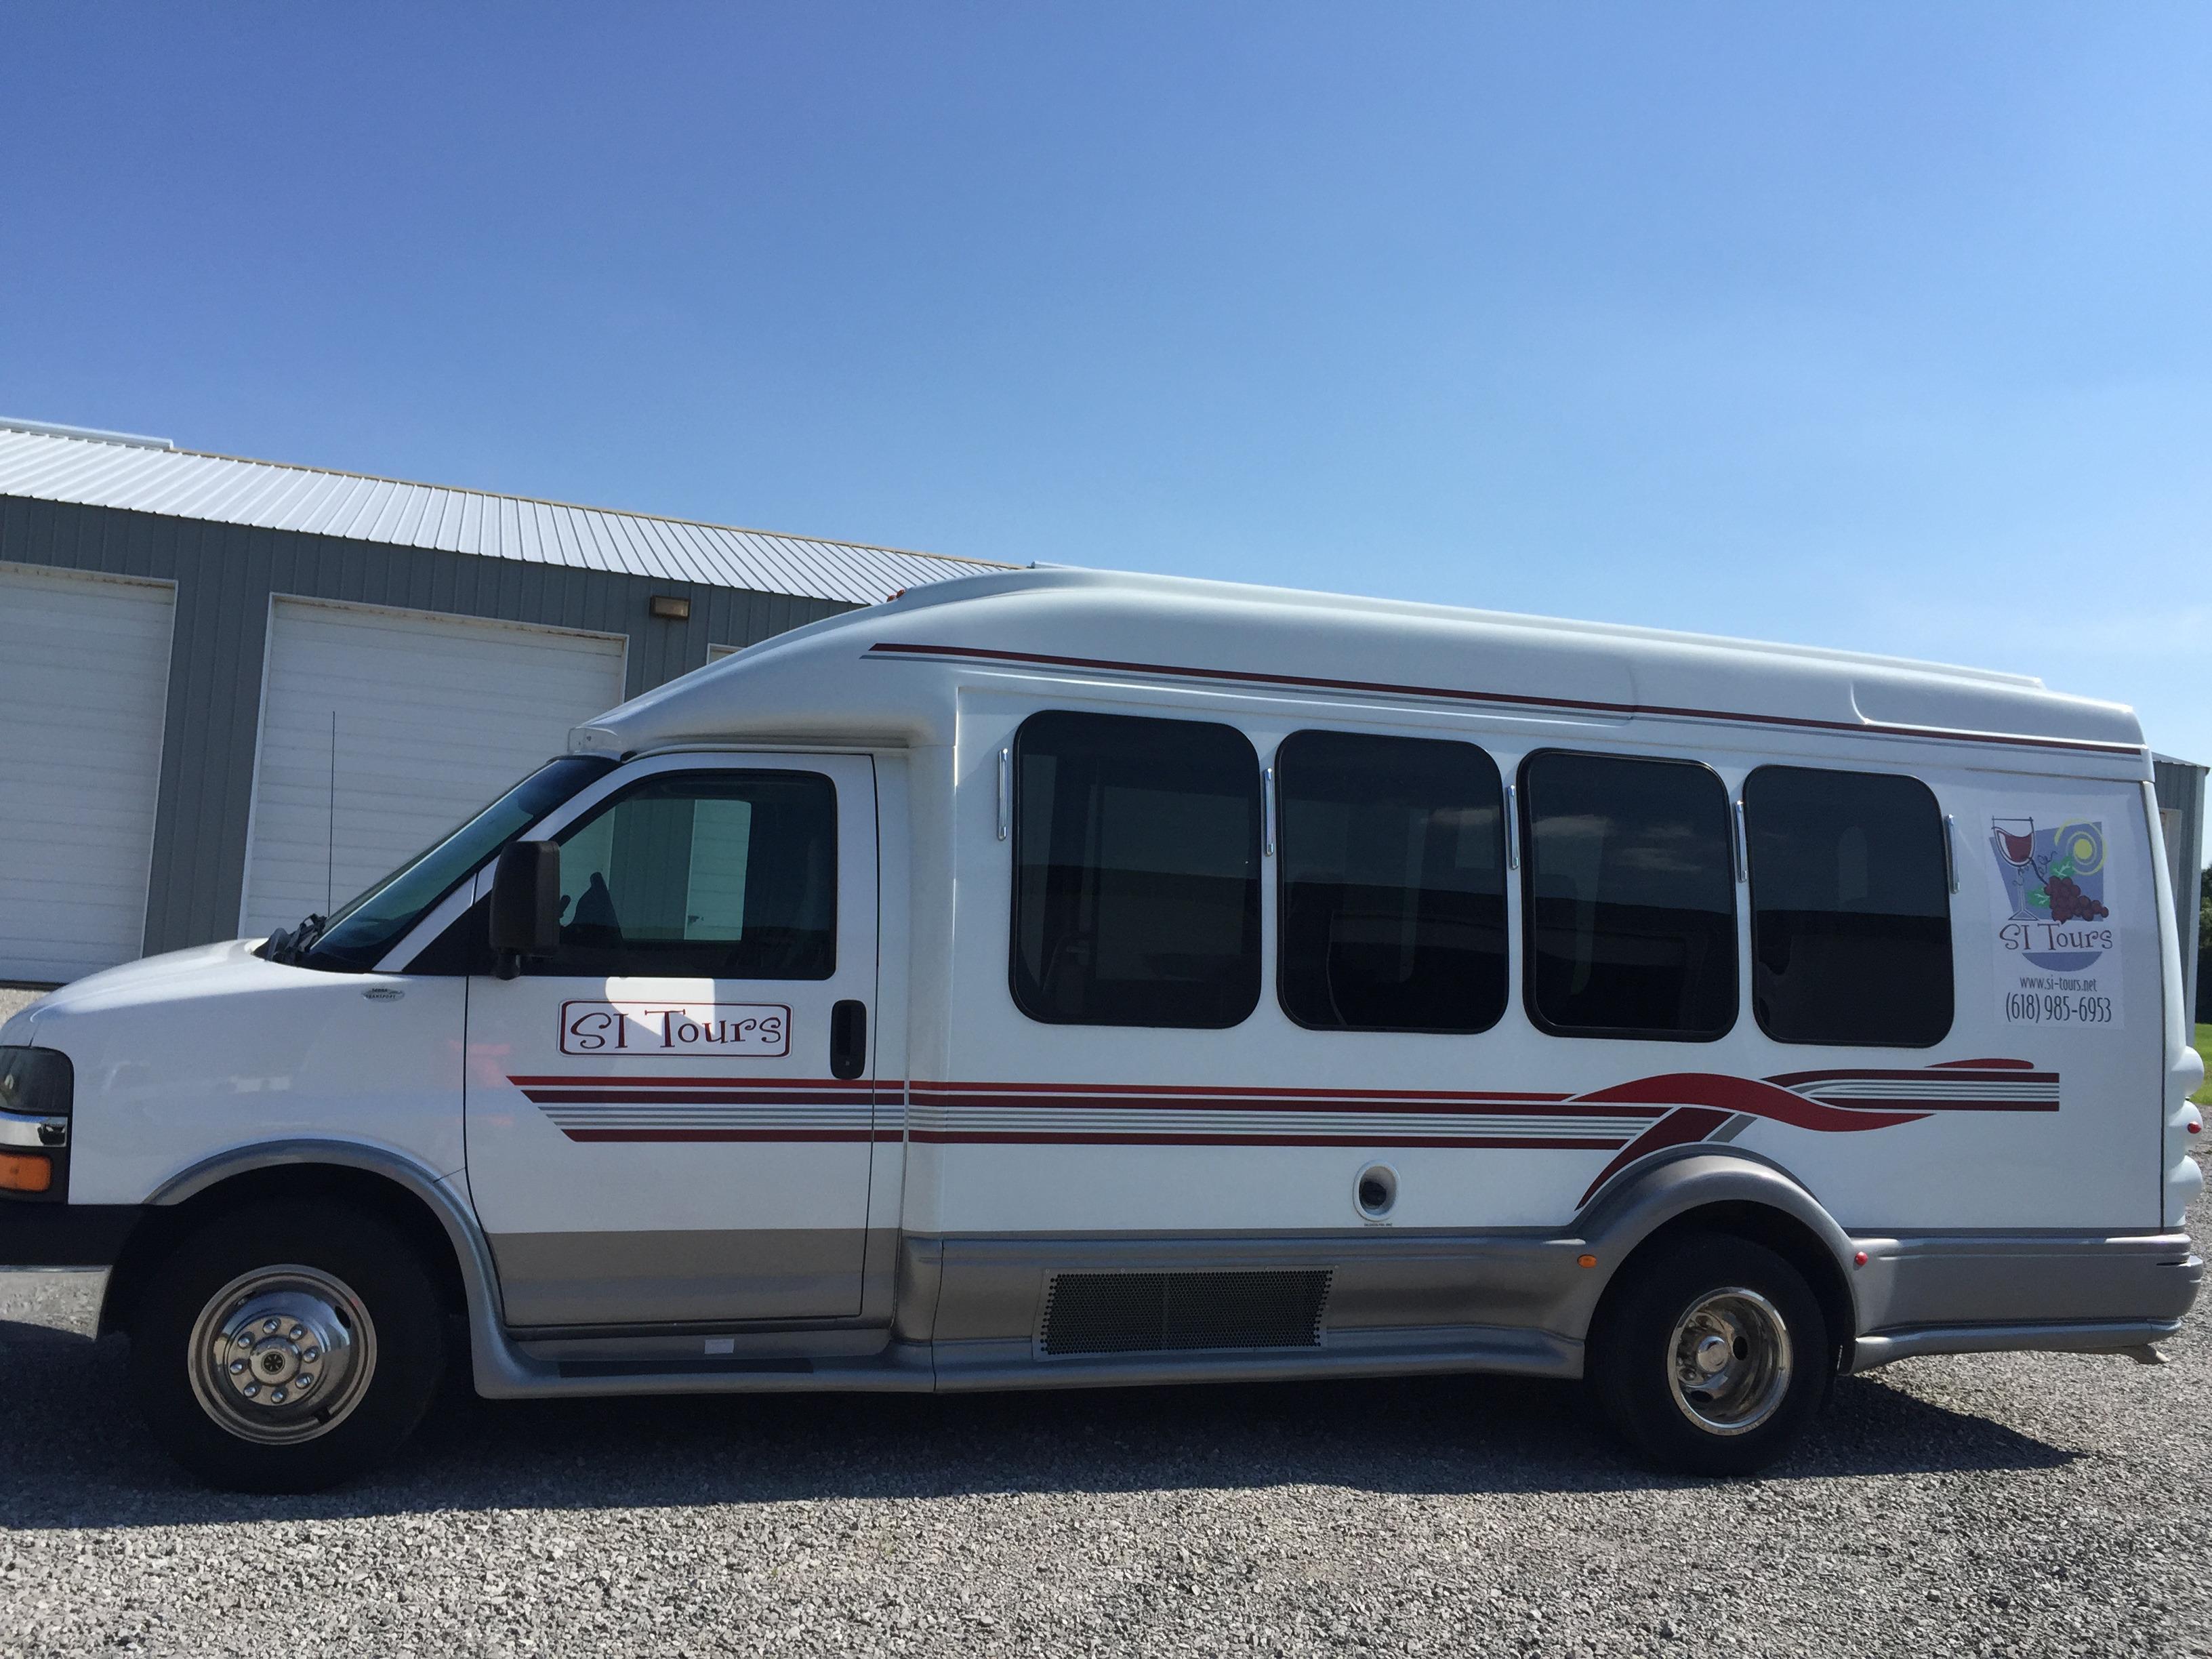 Southern Illinois Wine Tour Bus